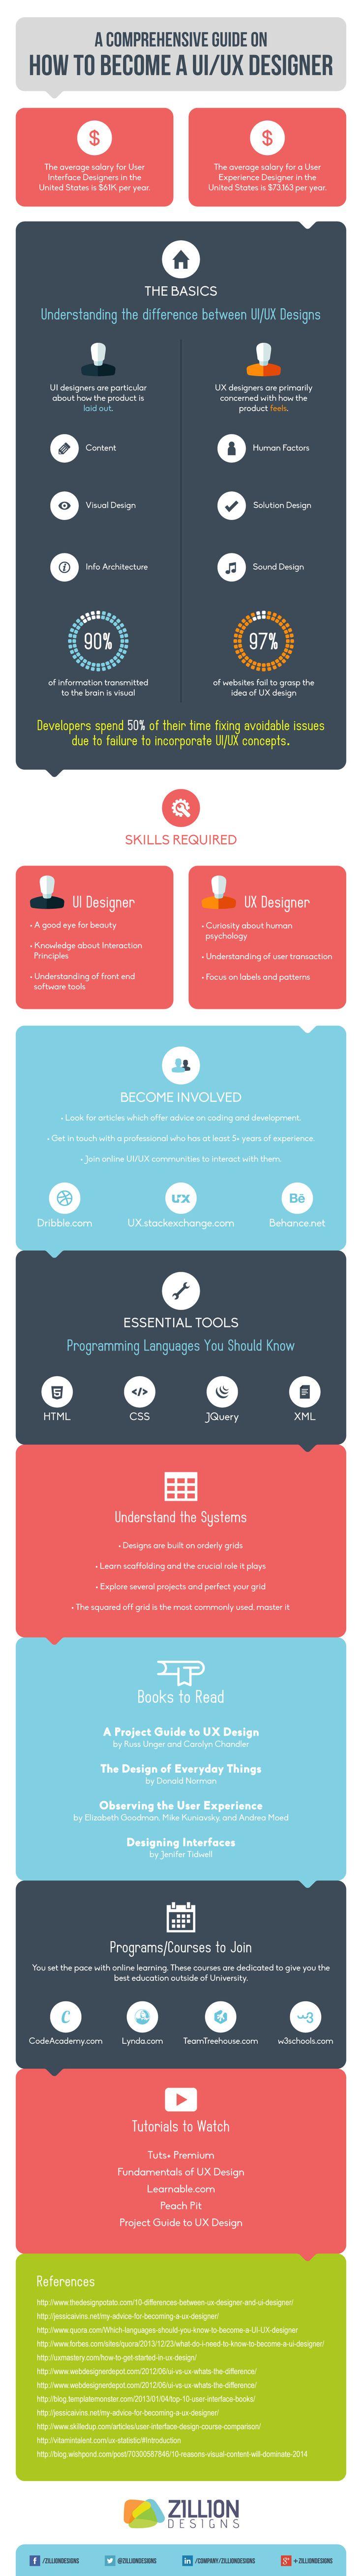 Infographic: How To Become A UI/UX Designer - DesignTAXI.com